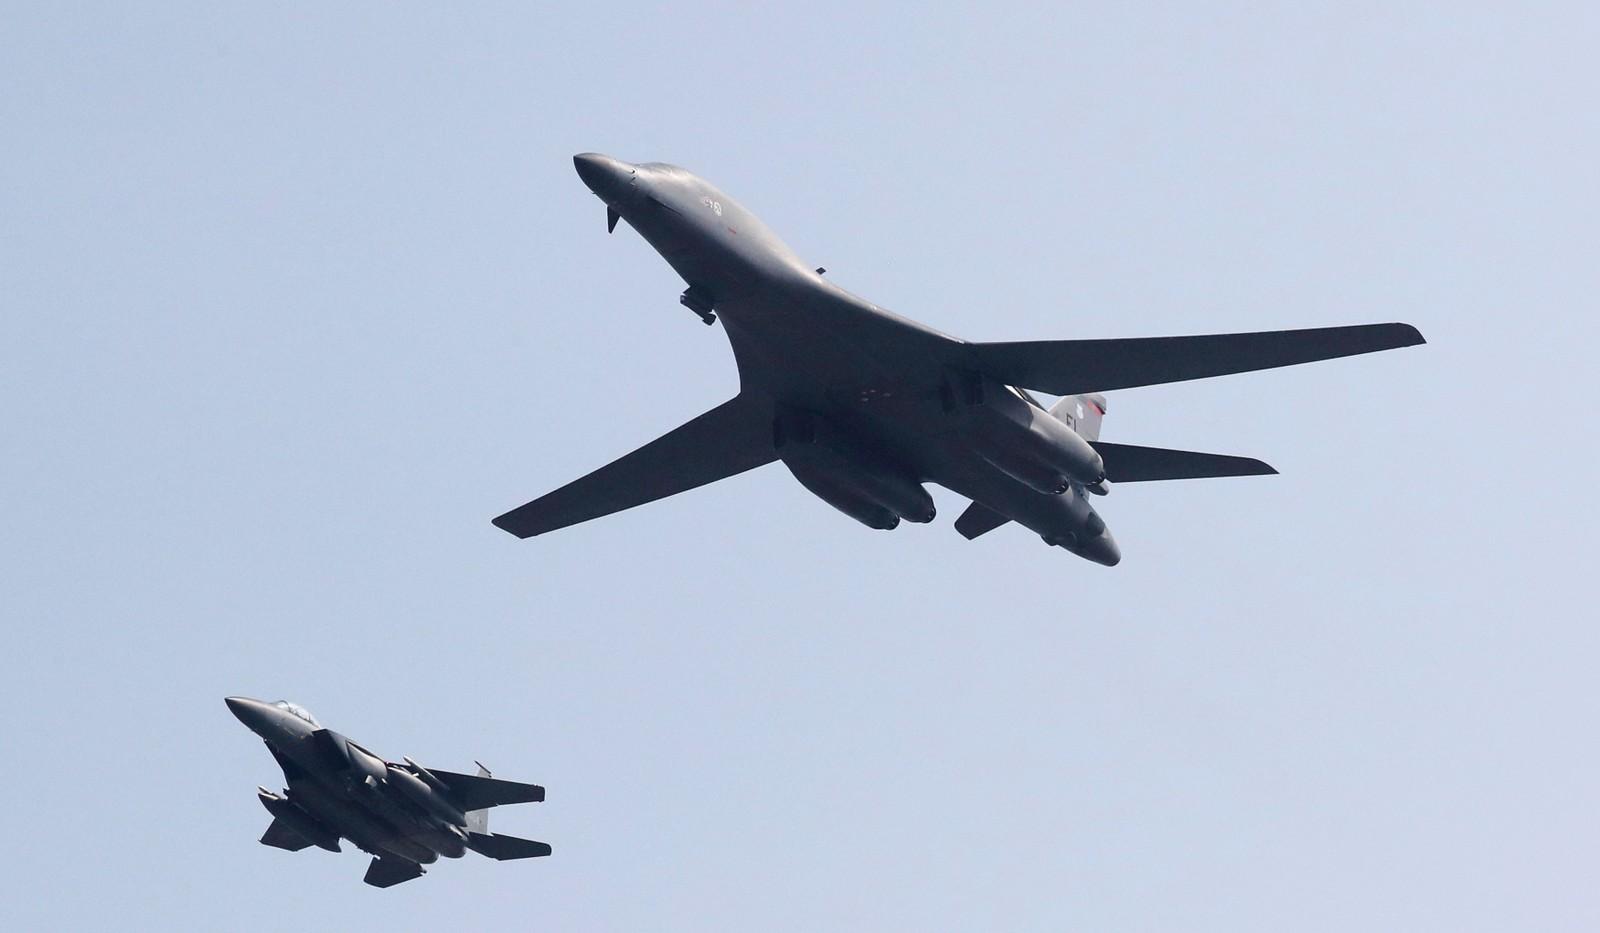 De store bombeflyene er nå flyttet til Osan-flybasen, og her sees ett av dem sammen med et sør-koreansk jagerfly.